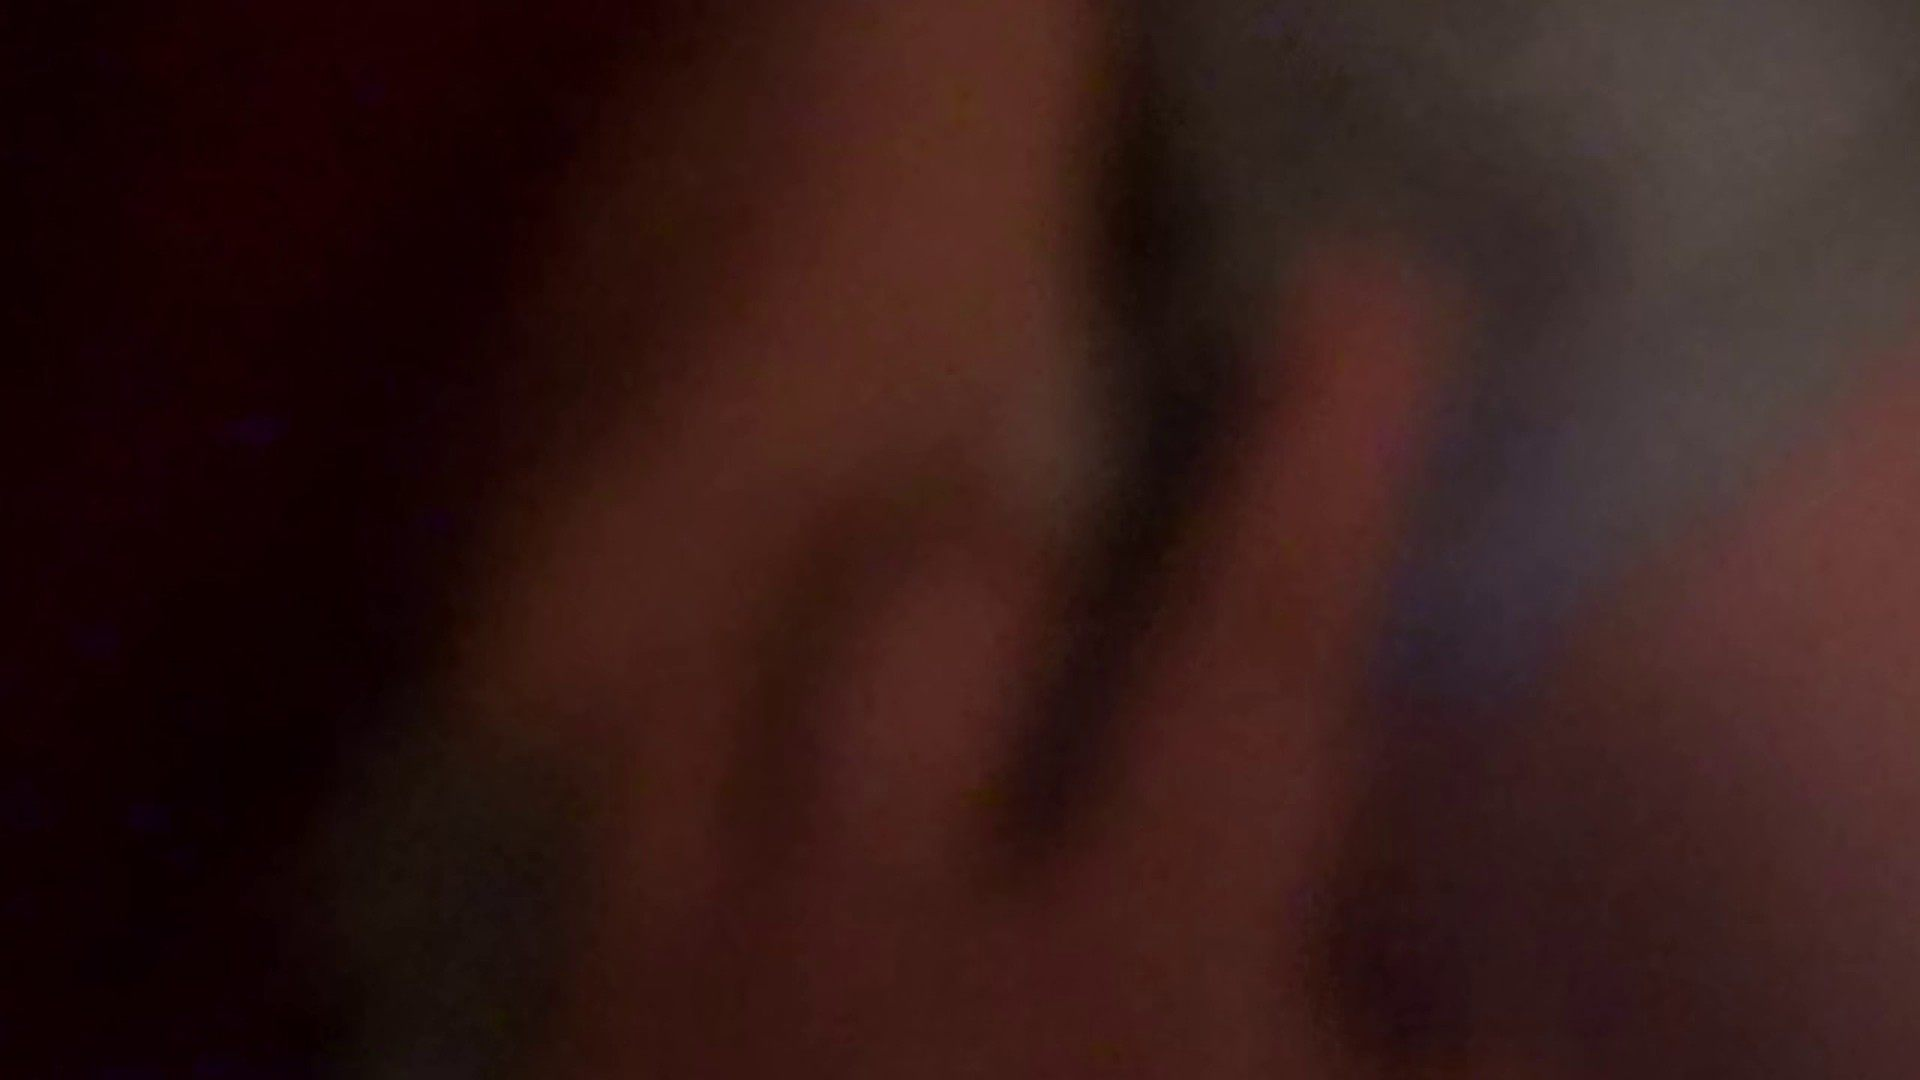 魔術師の お・も・て・な・し vol.25 19歳の巨乳ちゃんにログイン! 巨乳   イタズラ  82pic 43